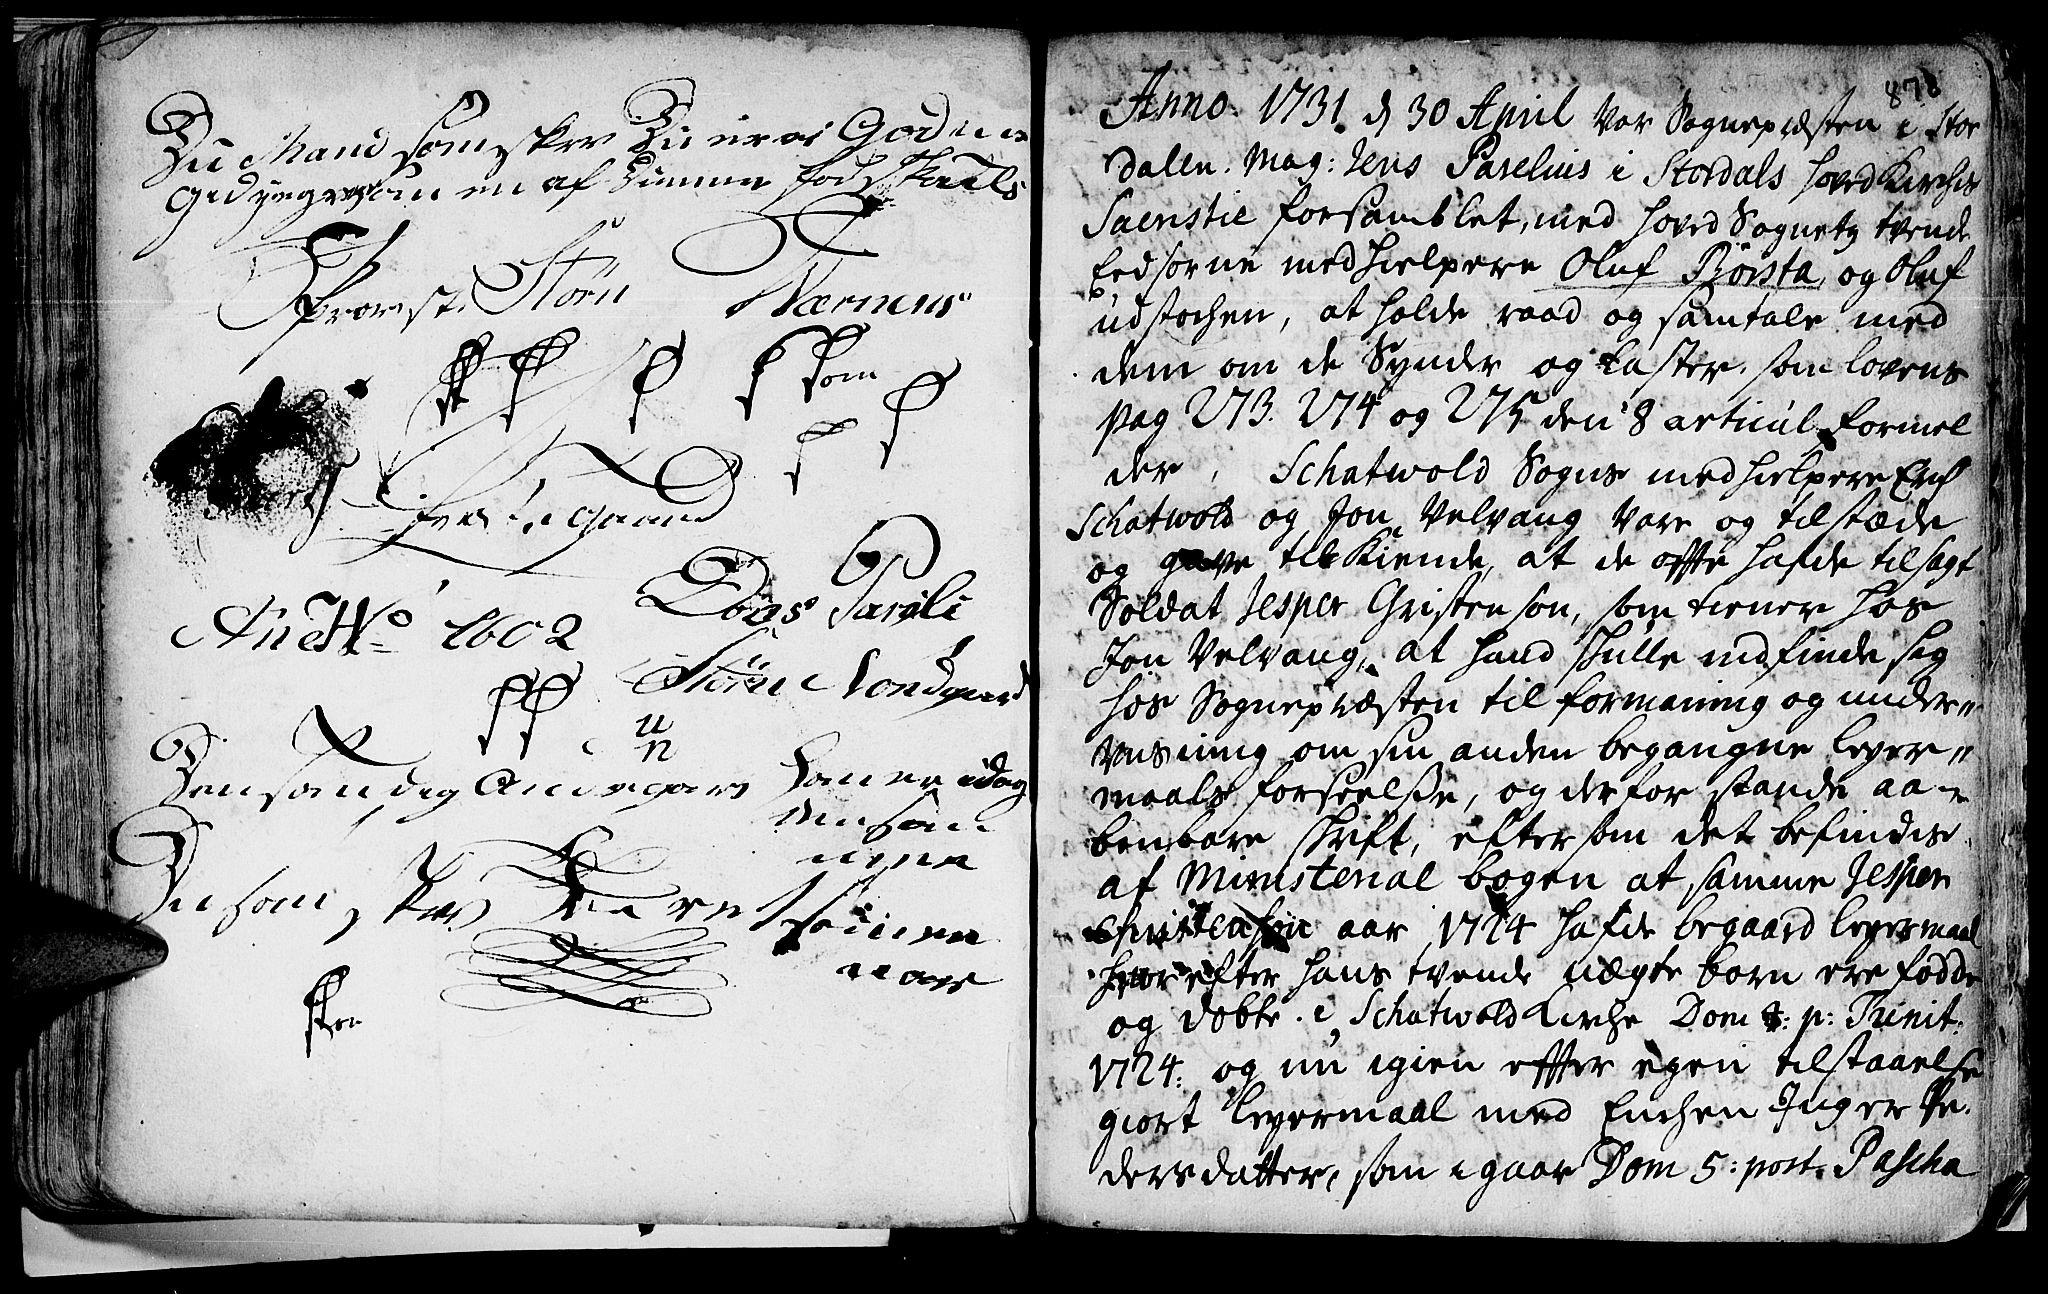 SAT, Ministerialprotokoller, klokkerbøker og fødselsregistre - Nord-Trøndelag, 709/L0055: Ministerialbok nr. 709A03, 1730-1739, s. 877-878